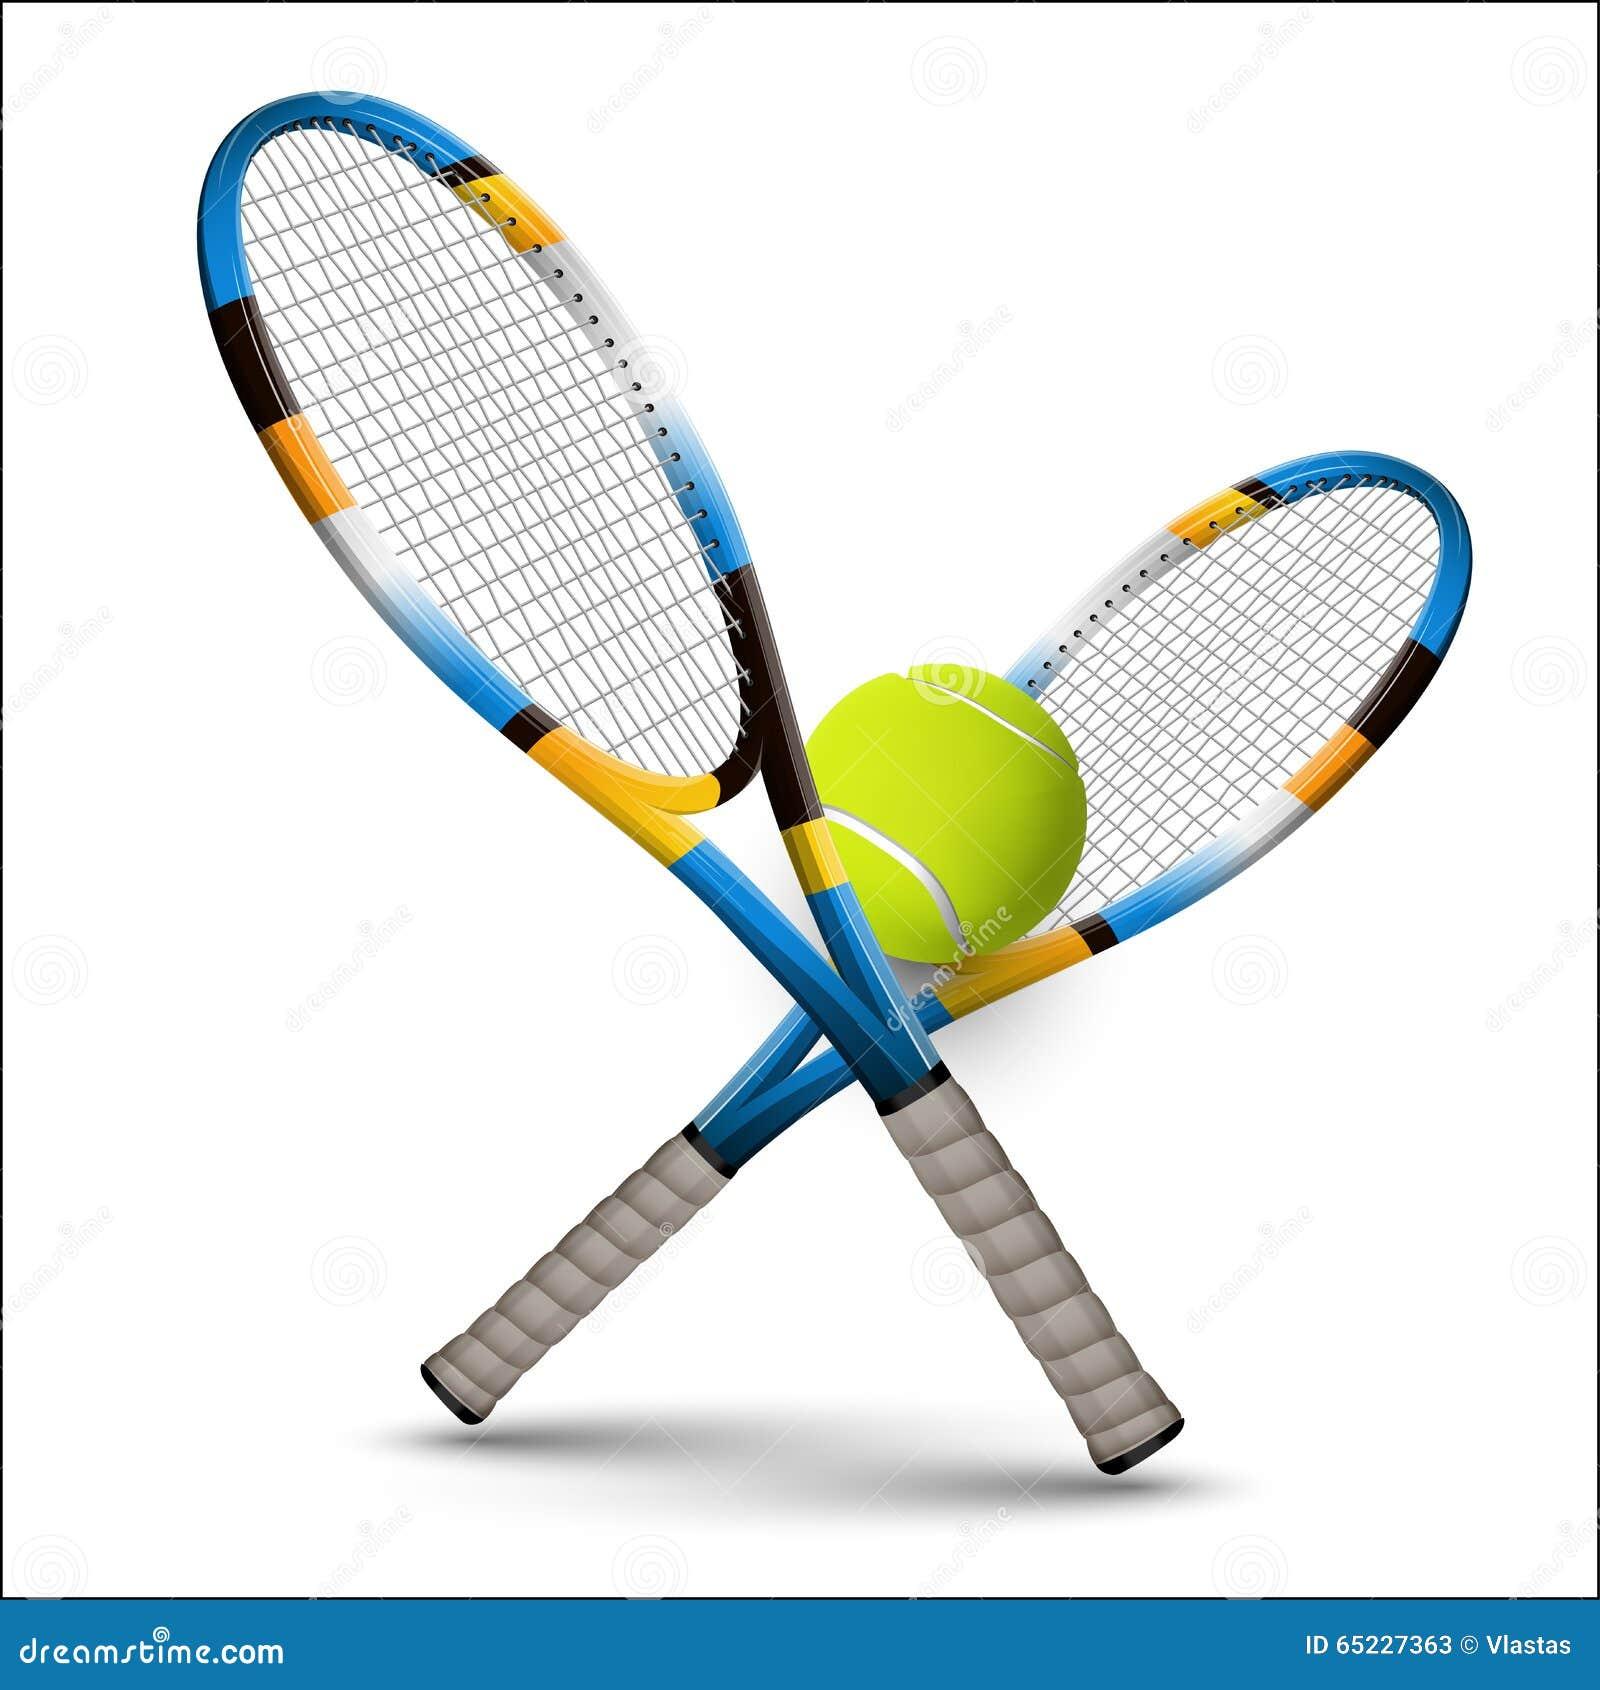 De rackets en de bal van tennissymbolen op witte achtergrond vector illustratie afbeelding - Sterke witte werpen en de bal ...